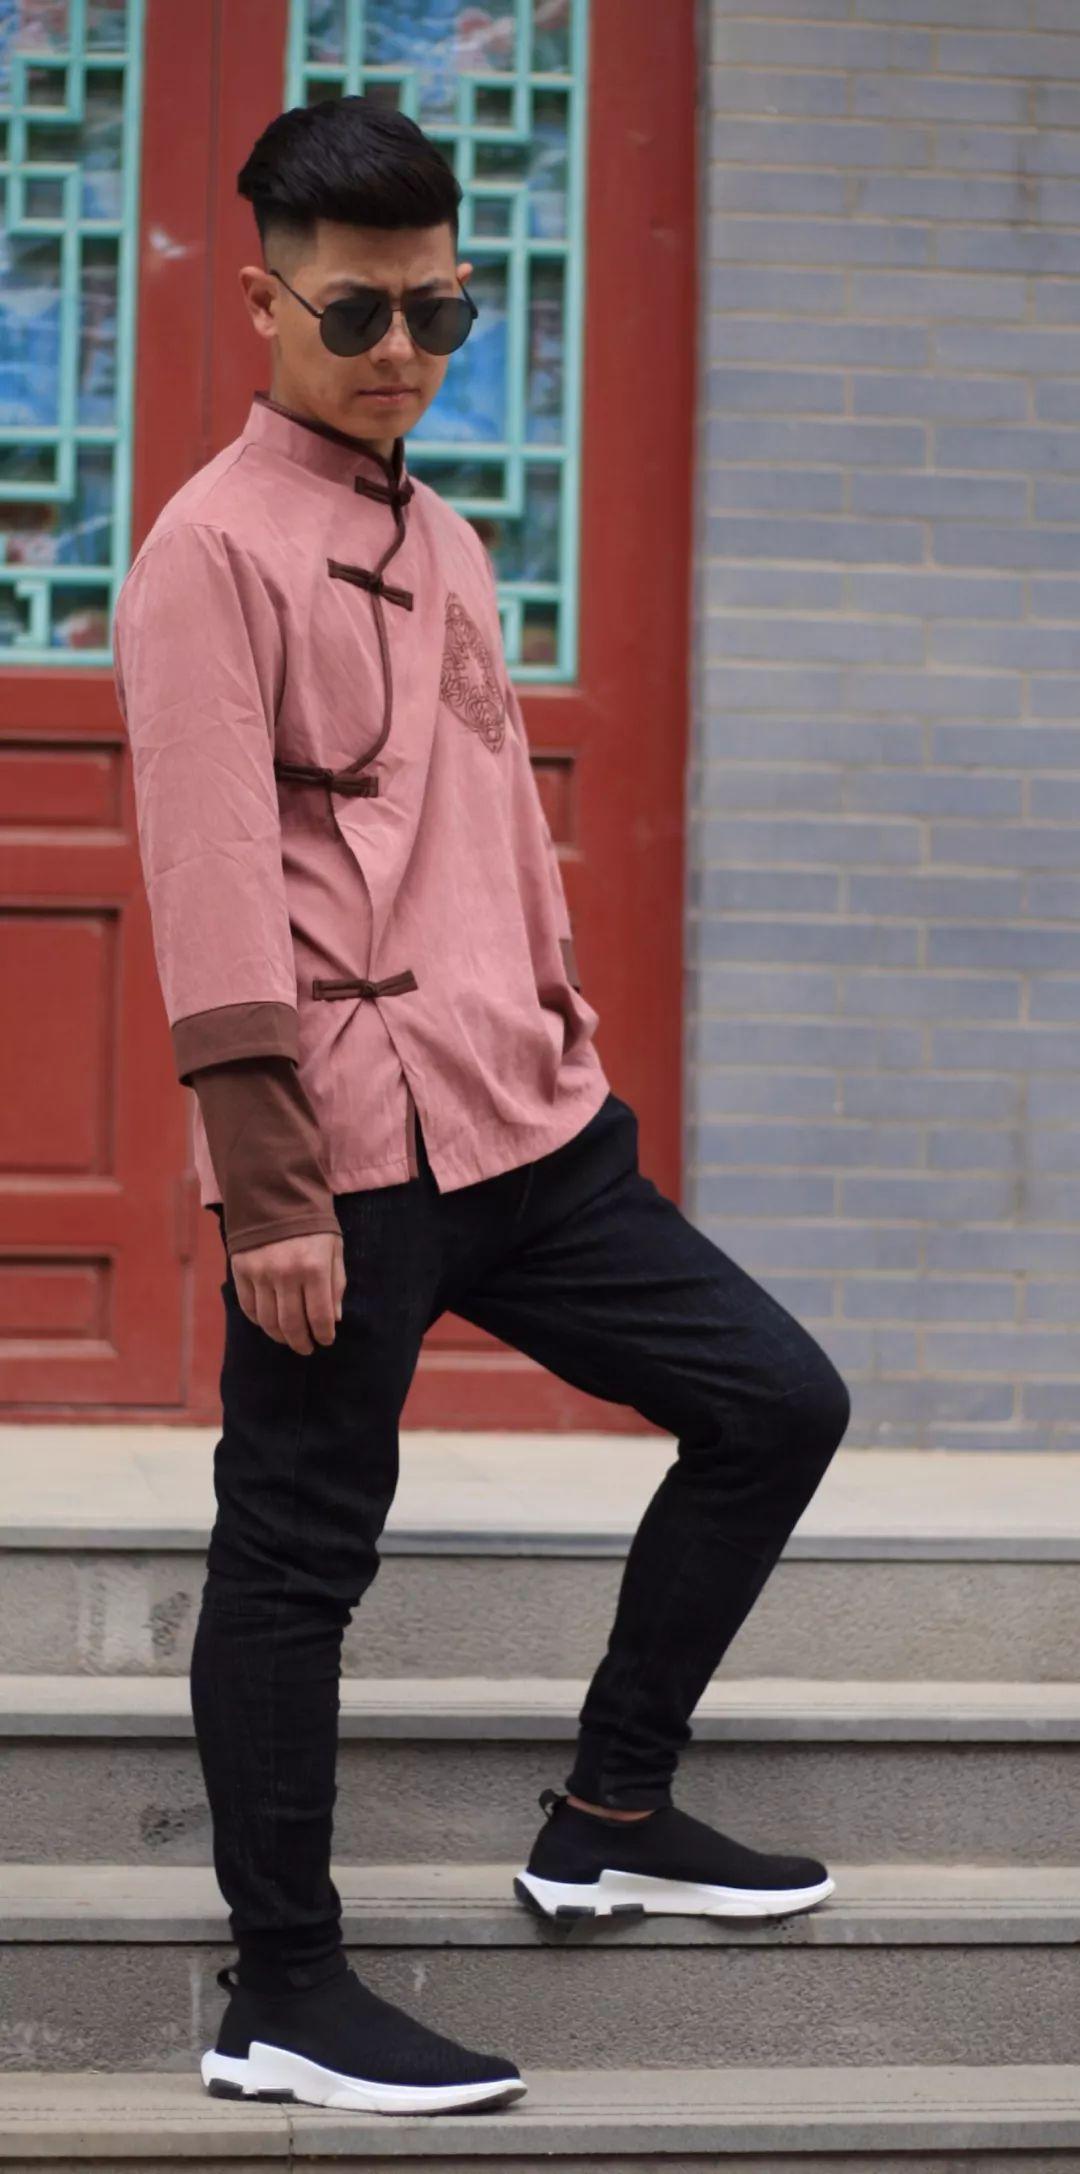 赛汗时尚 新款服饰 第12张